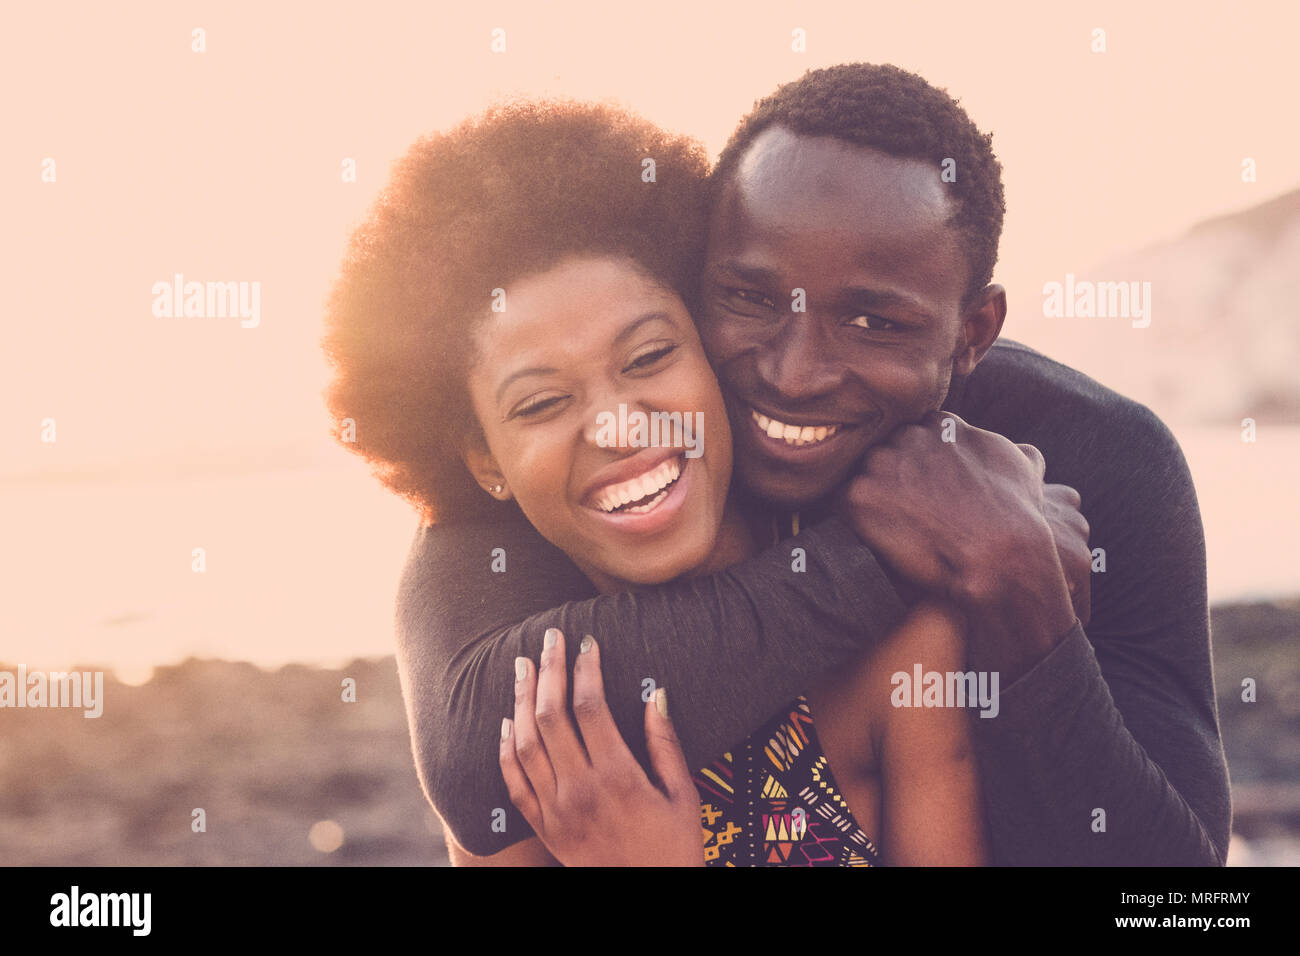 Bella gara nera modello bella giovane uomo e donna giovane età abbraccio e stare insieme con amore e amicizia. outdoor scenic posto vicino alla spiaggia per Immagini Stock